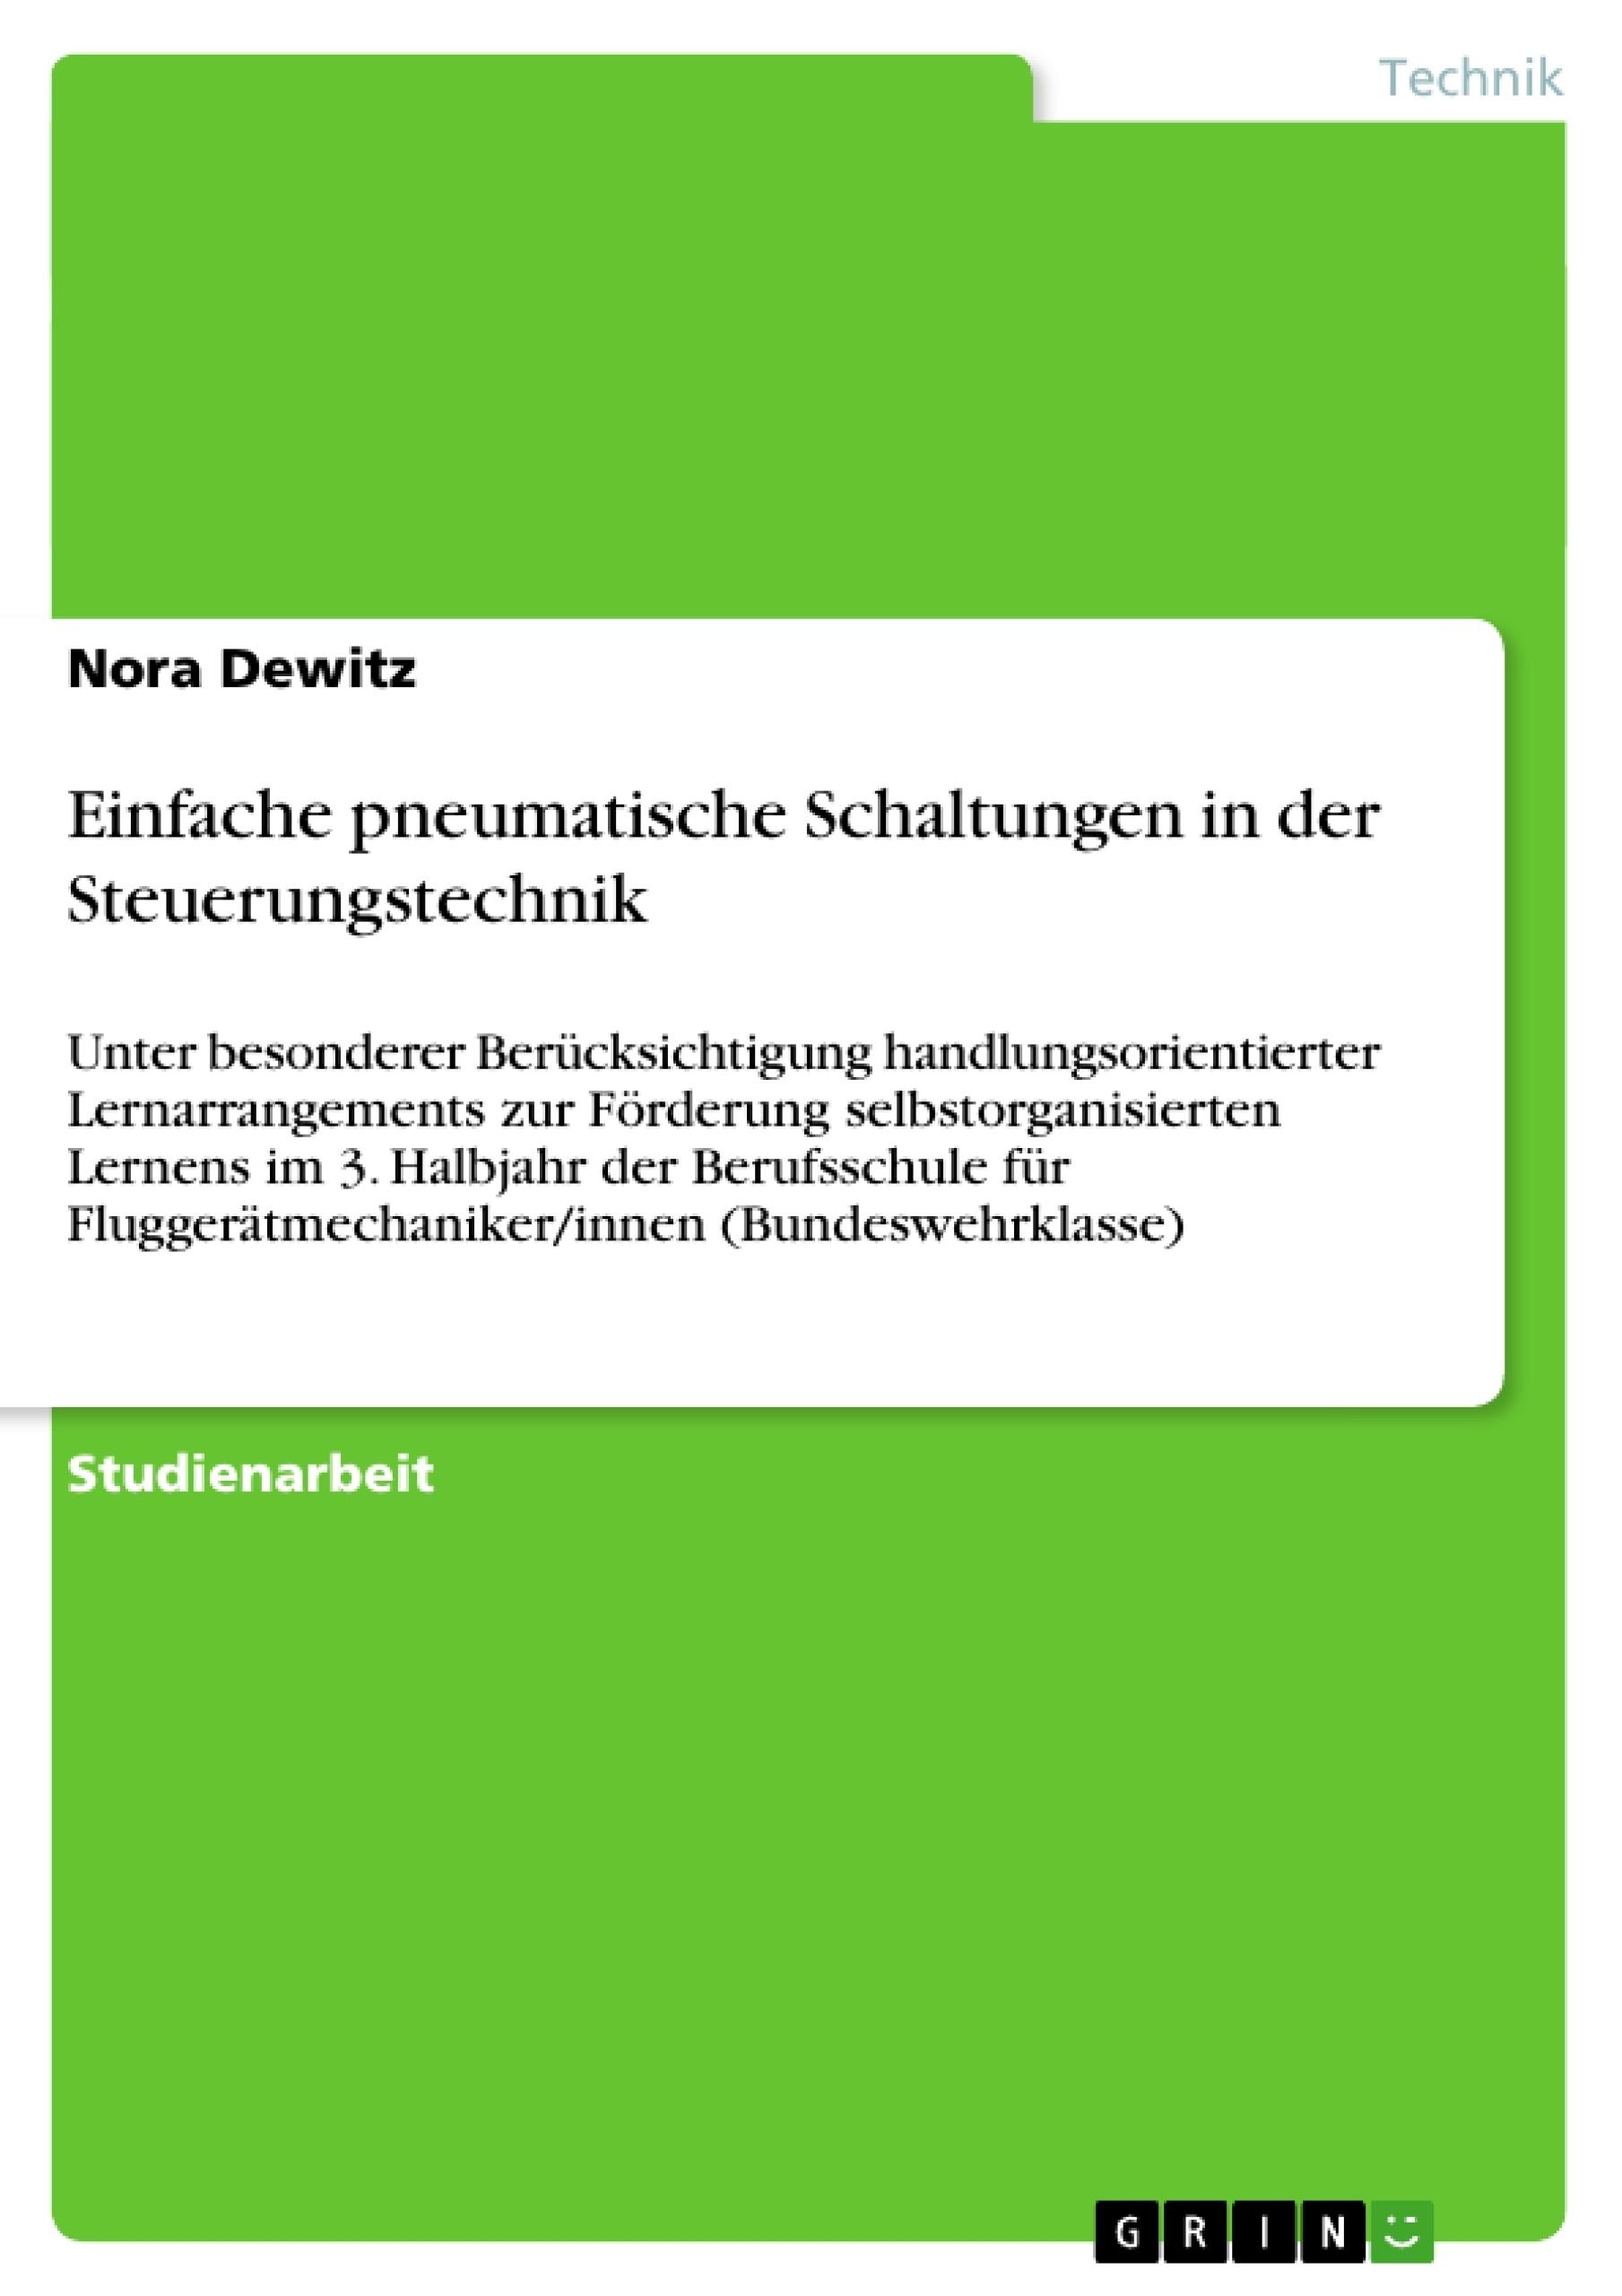 Titel: Einfache pneumatische Schaltungen in der Steuerungstechnik